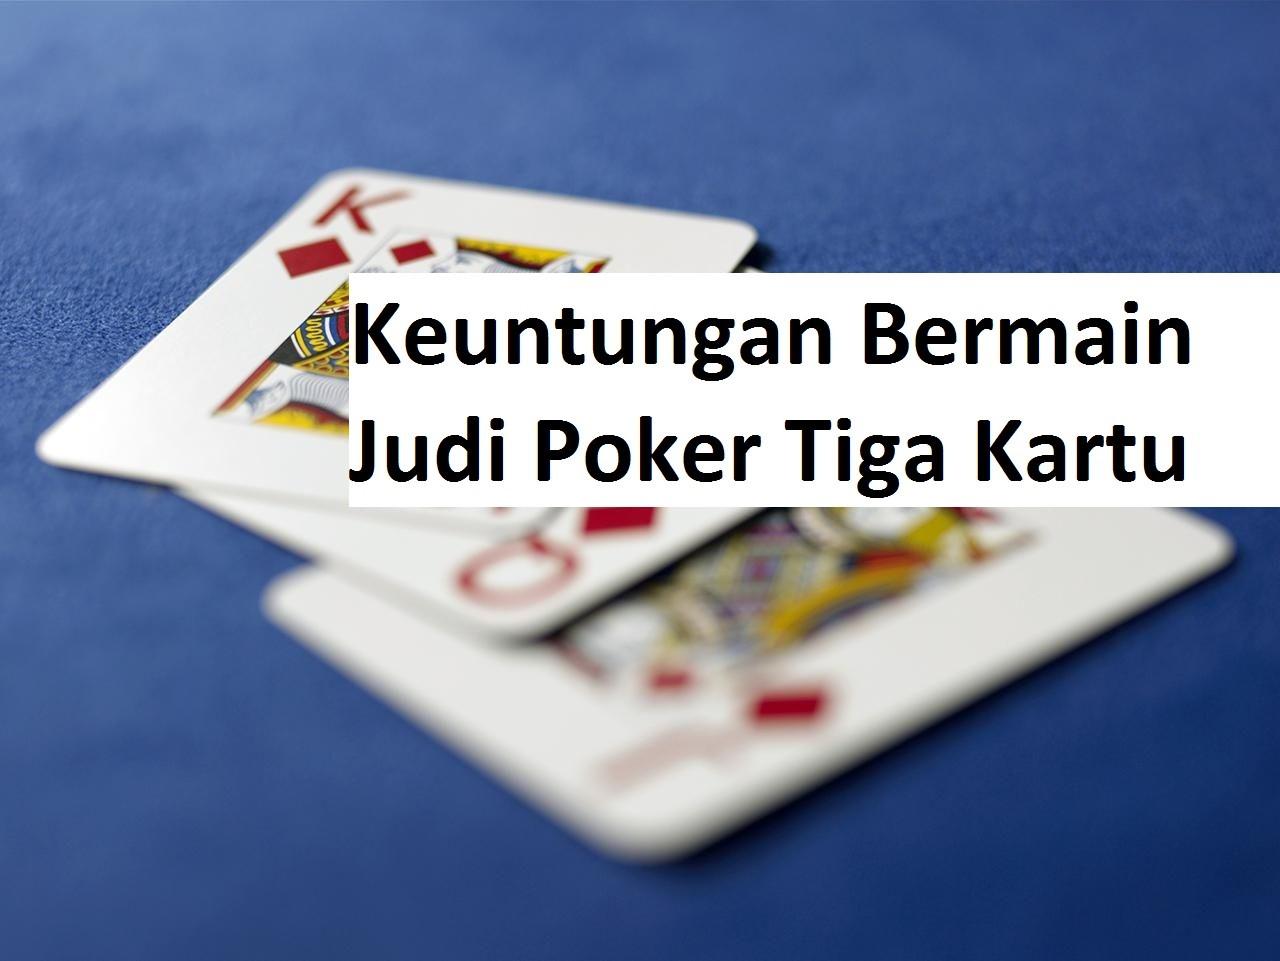 Keuntungan Bermain Judi Poker Tiga Kartu